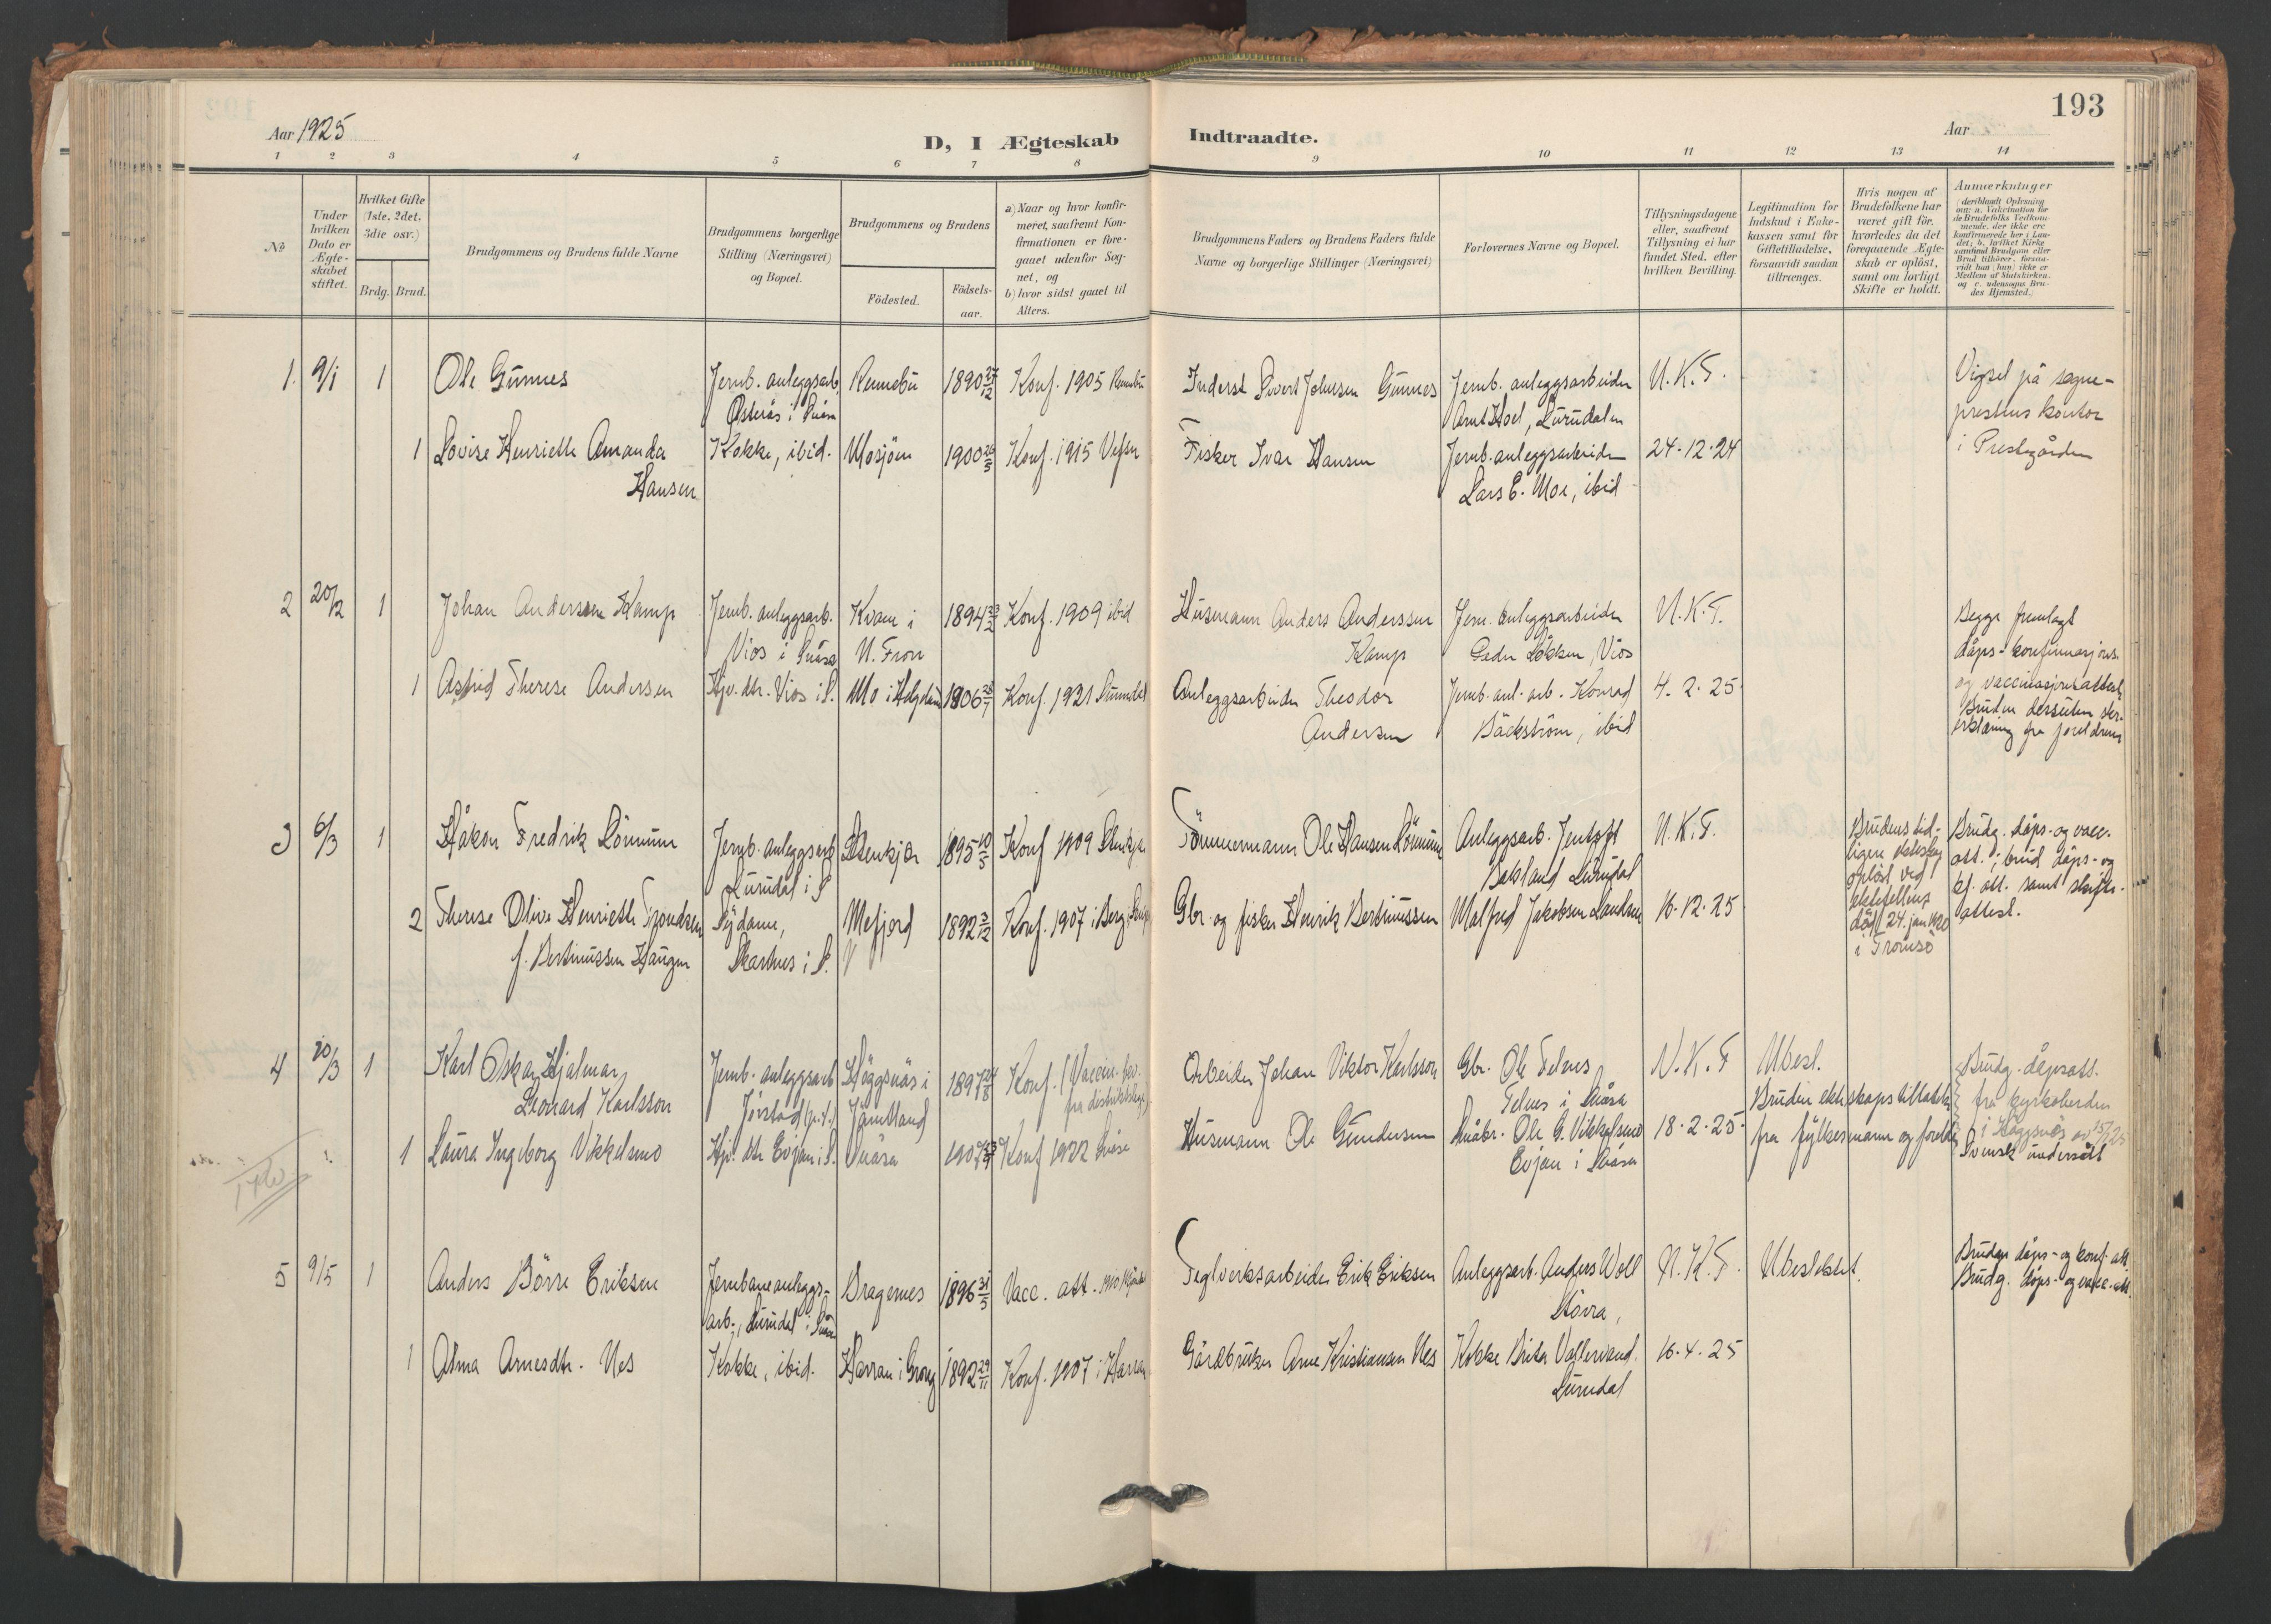 SAT, Ministerialprotokoller, klokkerbøker og fødselsregistre - Nord-Trøndelag, 749/L0477: Ministerialbok nr. 749A11, 1902-1927, s. 193